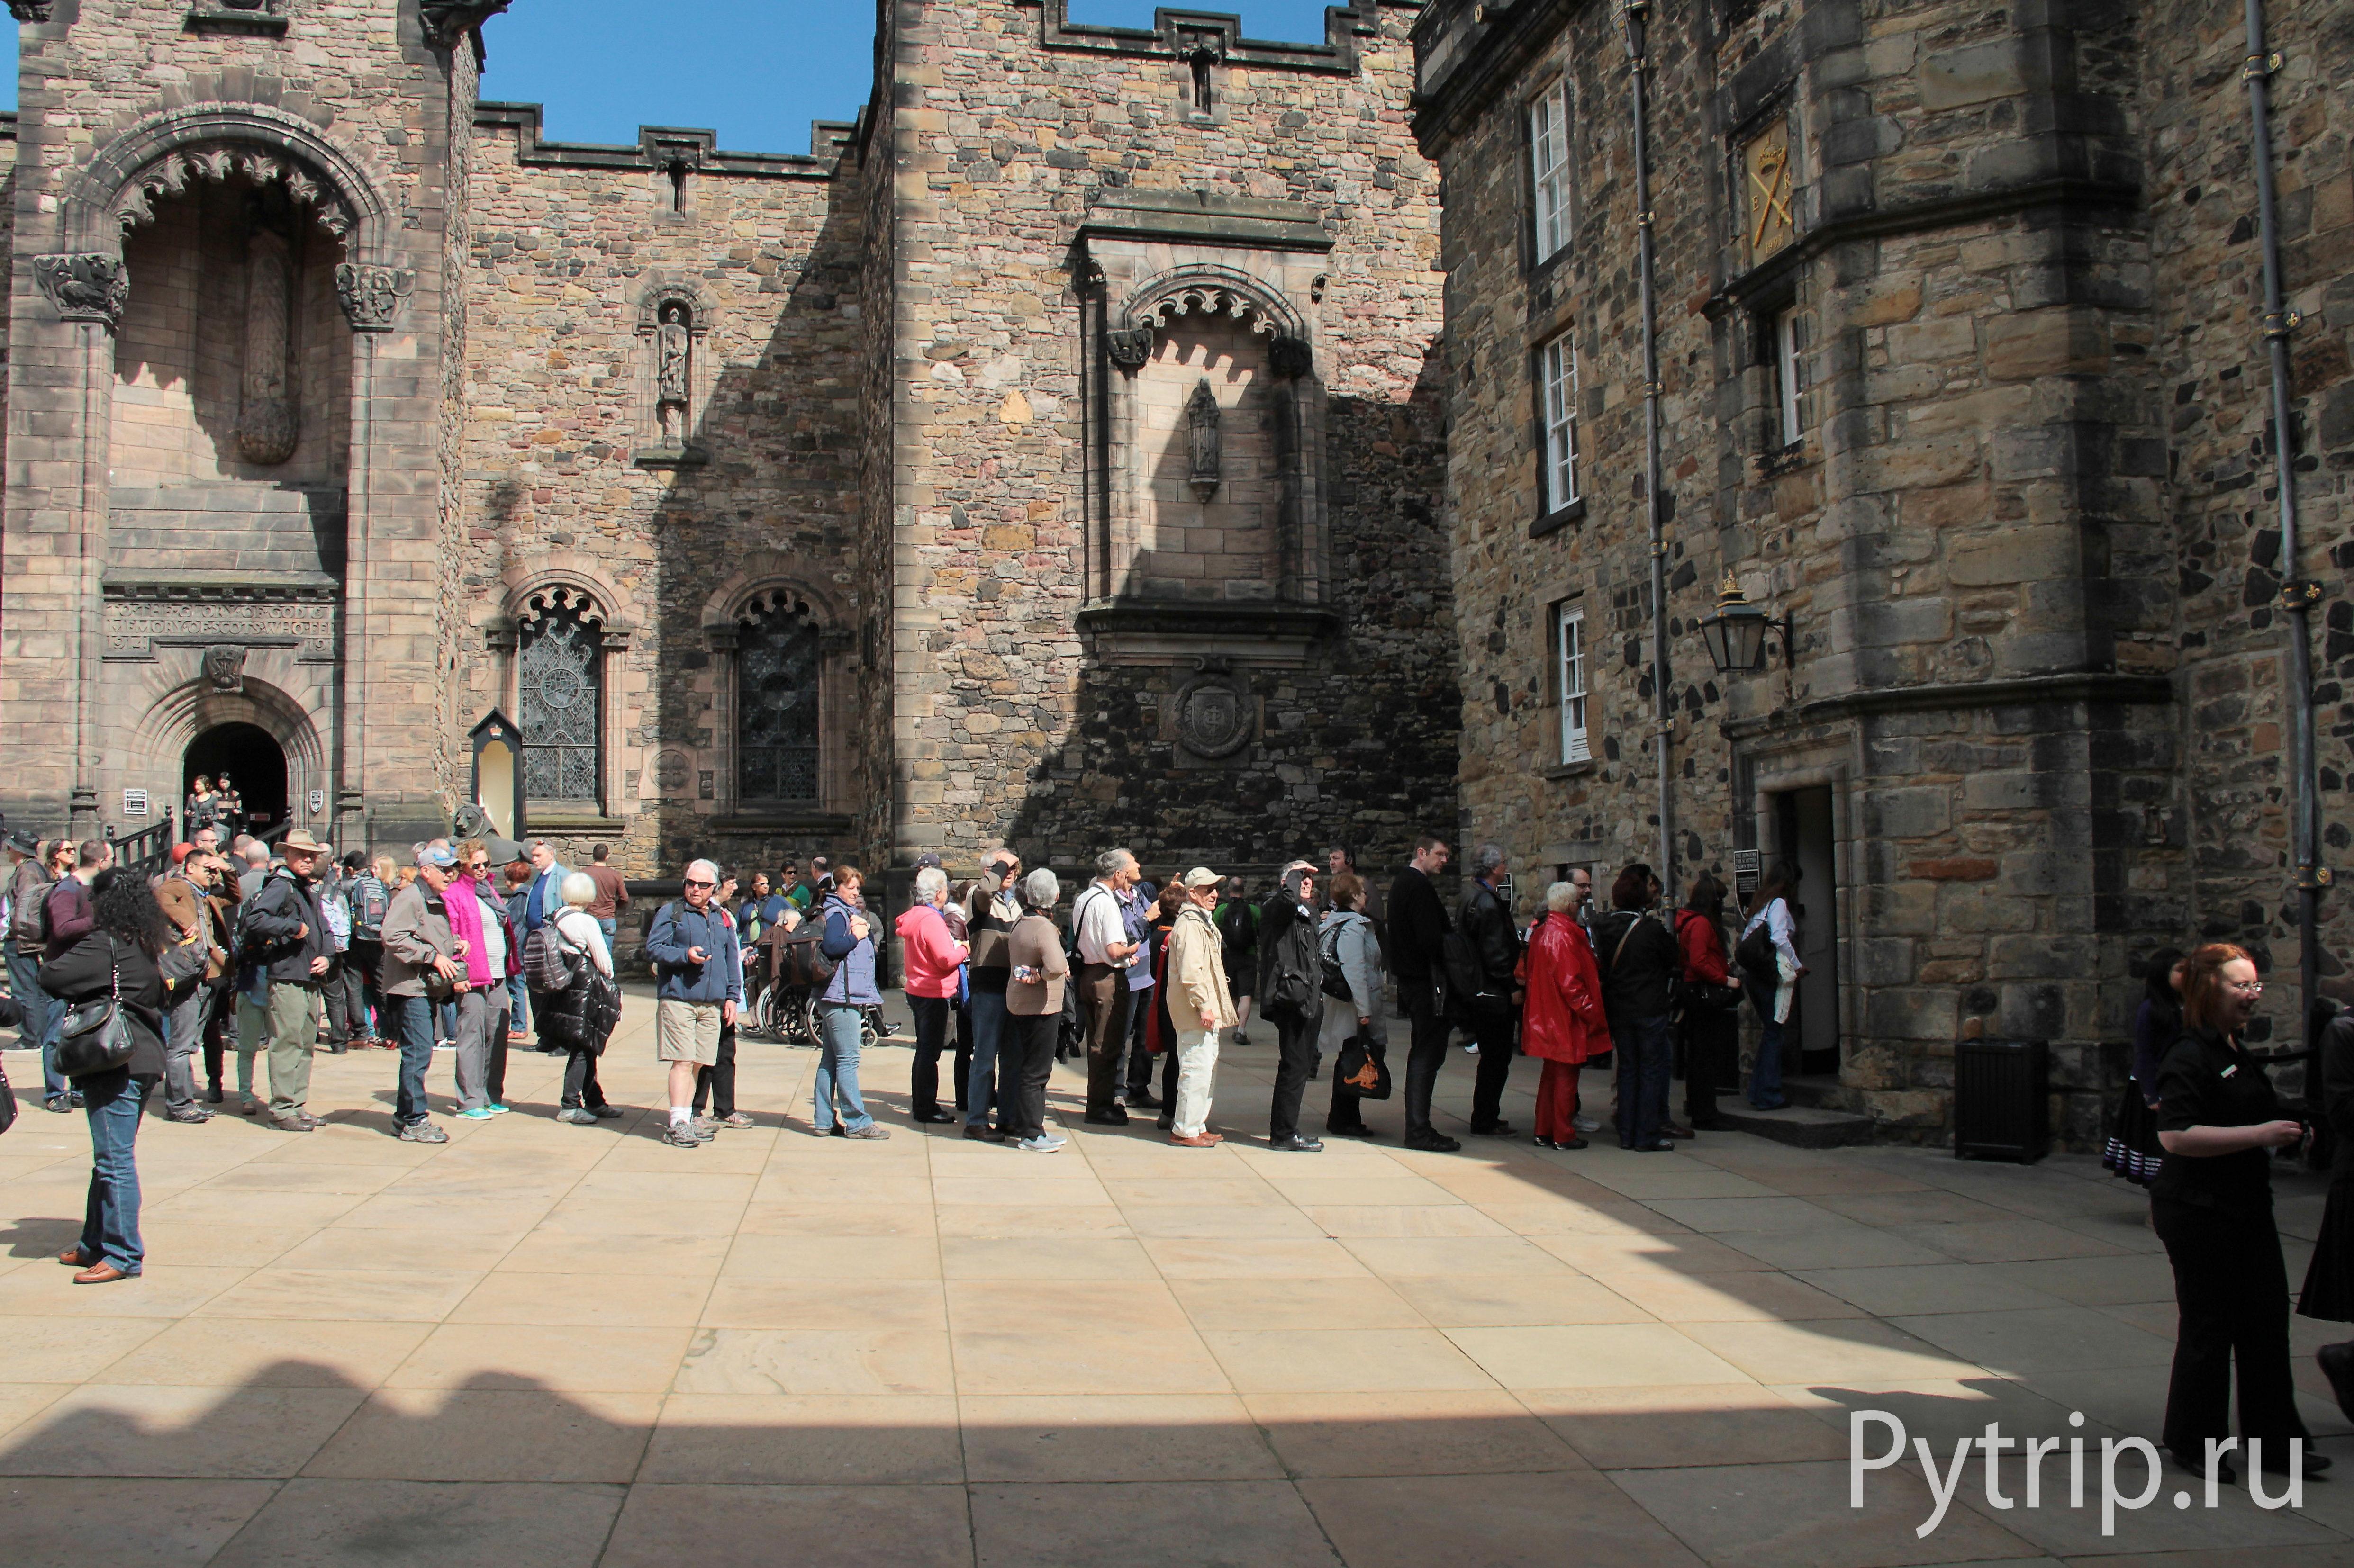 Очереди в  сокровищницу Эдинбургского замка